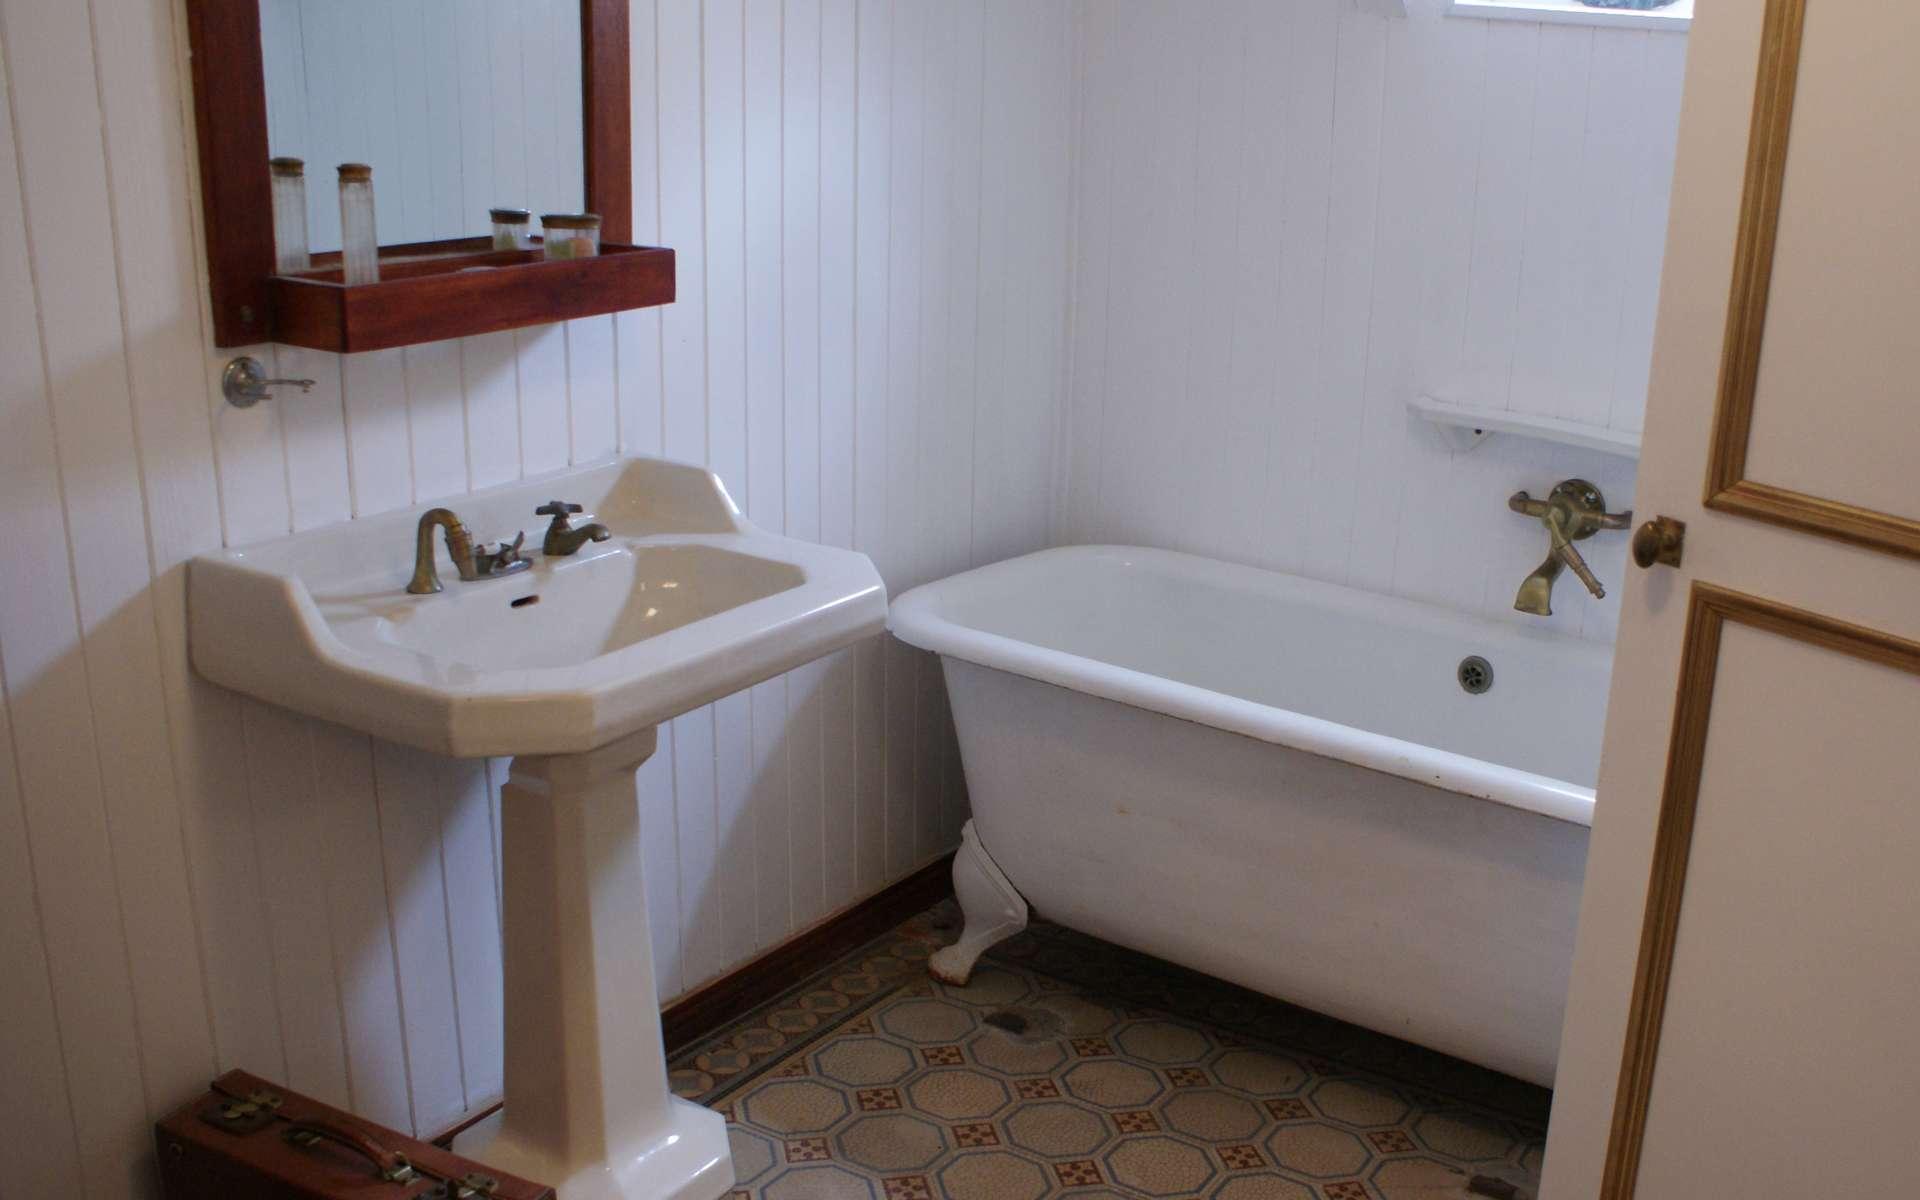 Pensez au vinaigre blanc pour désinfecter votre salle de bains. © Alain.Darle, Wikimedia Commons, cc by sa 3.0